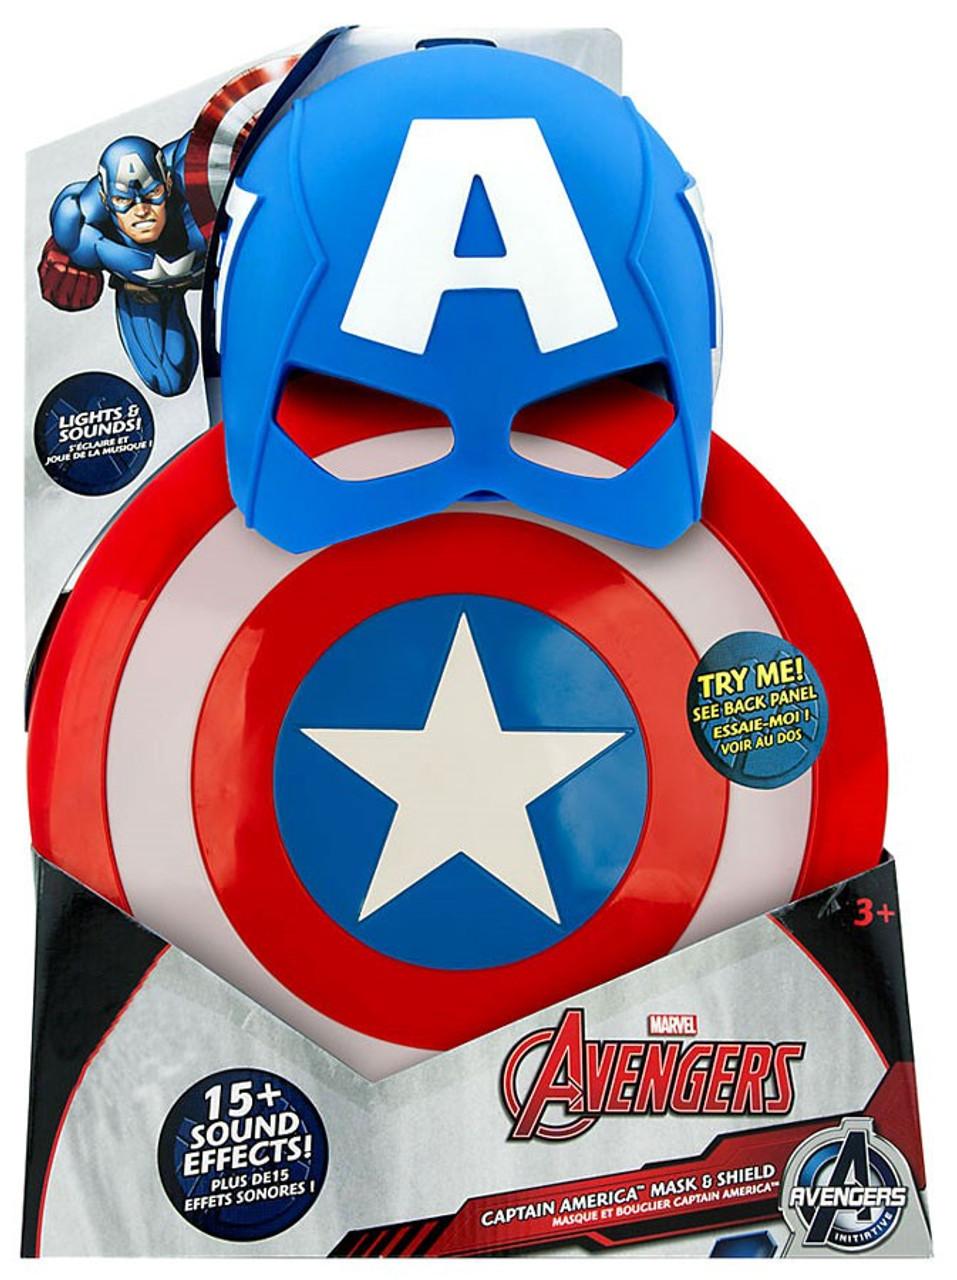 Disney Marvel Avengers Avengers Initiative Captain America Mask